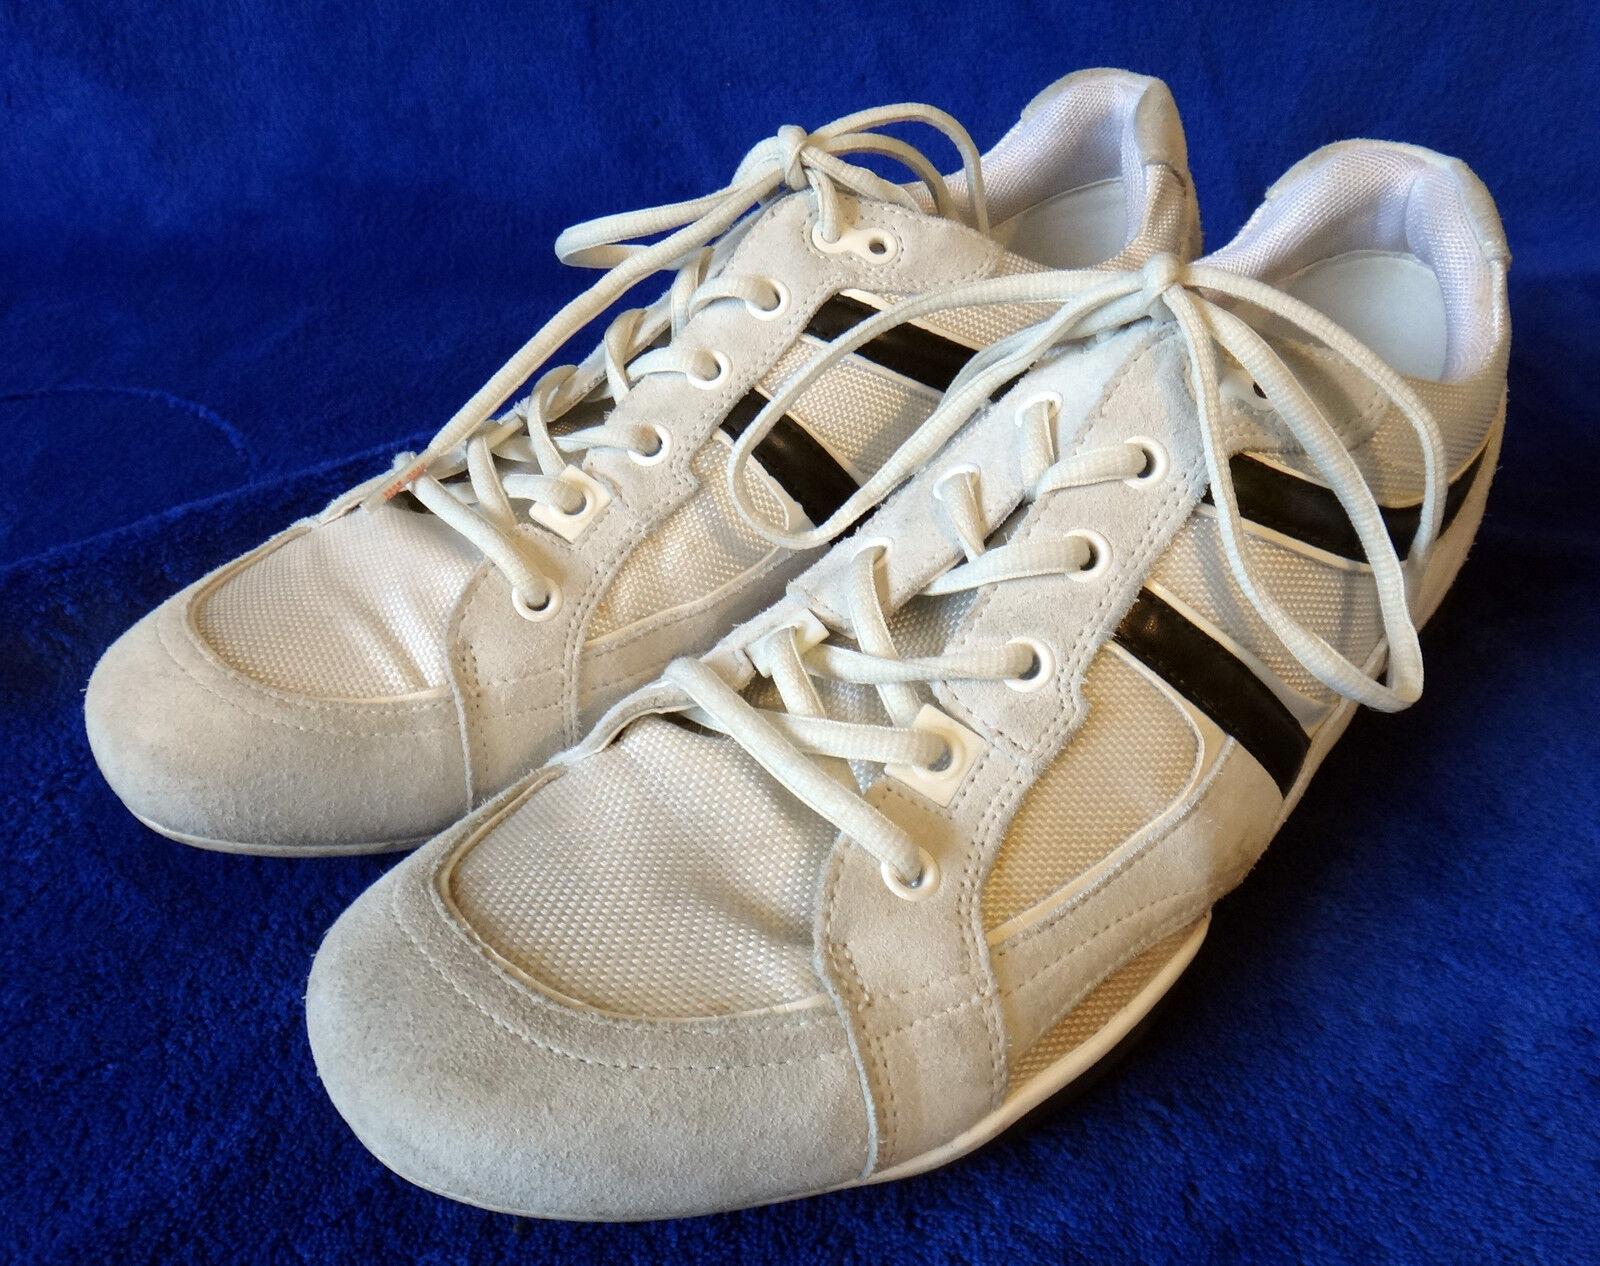 HUGO BOSS Blanc noir sneaker tennis sport Chaussures 45 12 50188671 old skool ivory